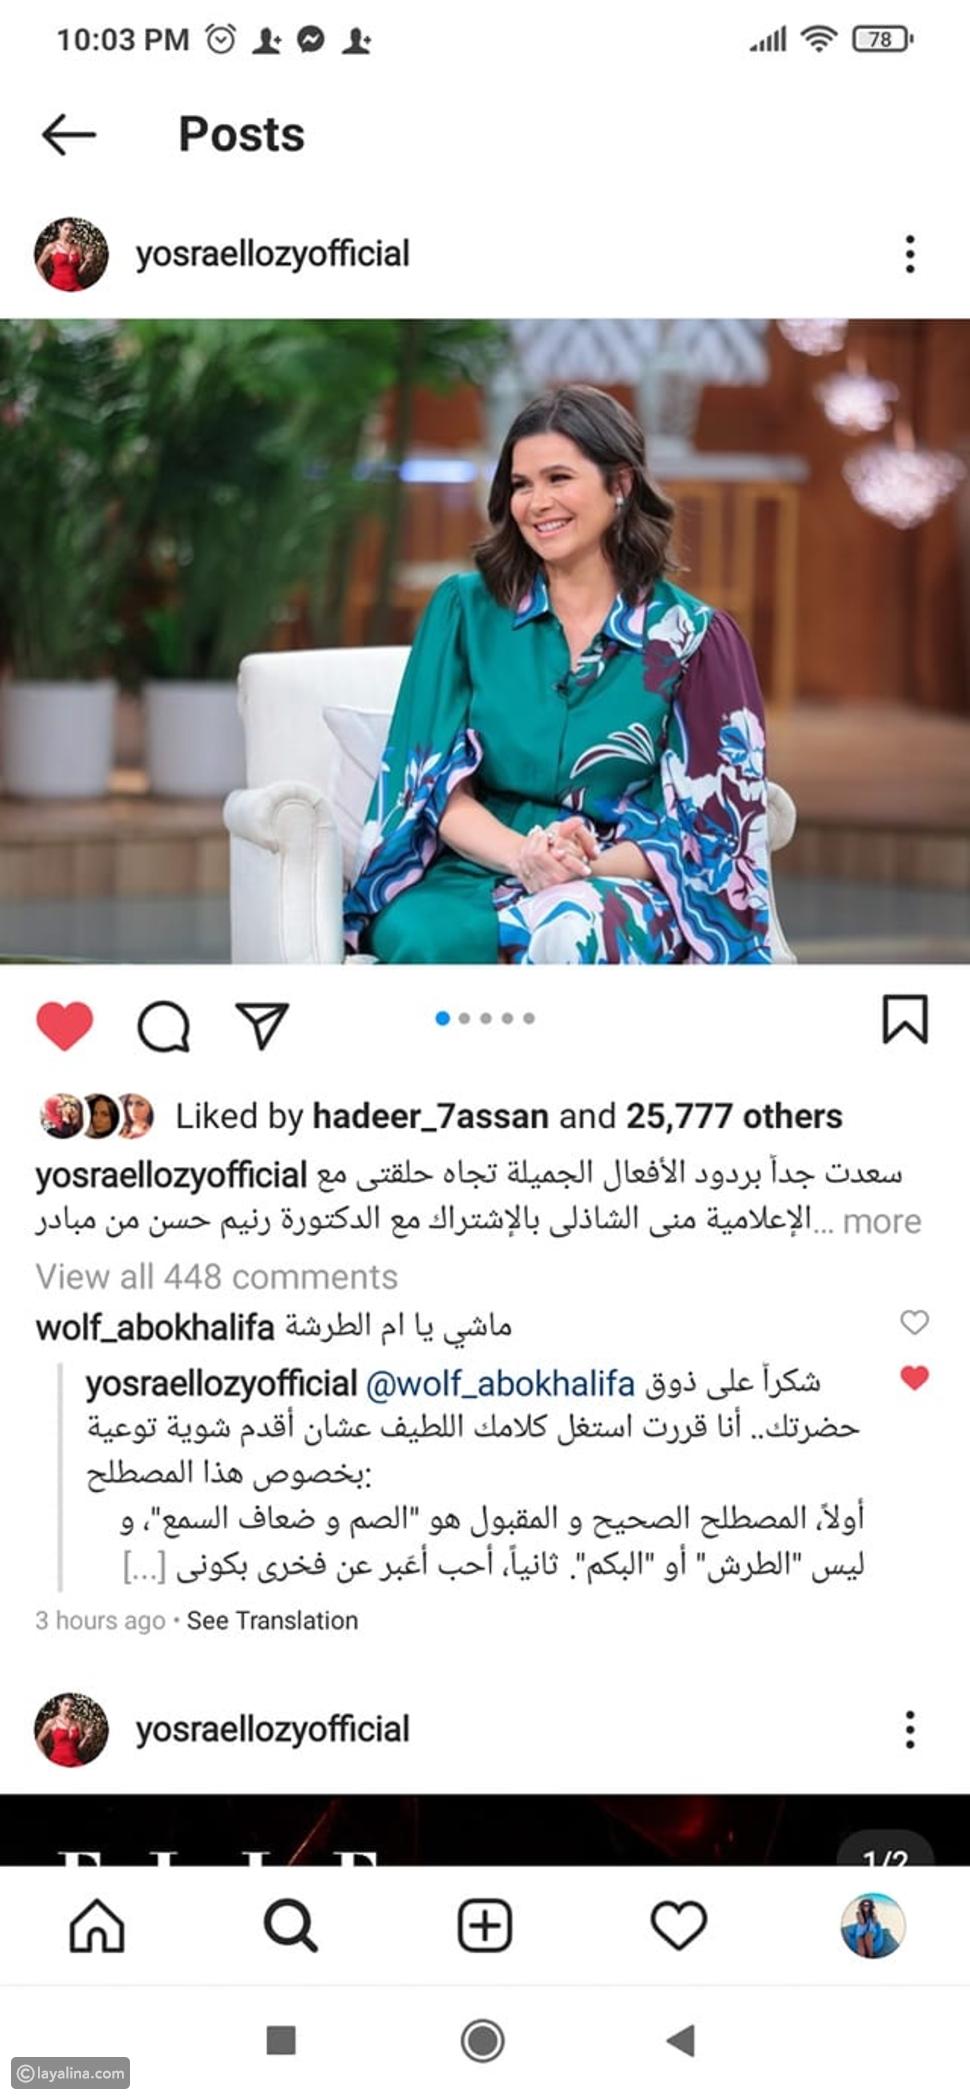 رد صادم من يسرا اللوزي على متابع تنمر على ابنتها بتعليق موجع